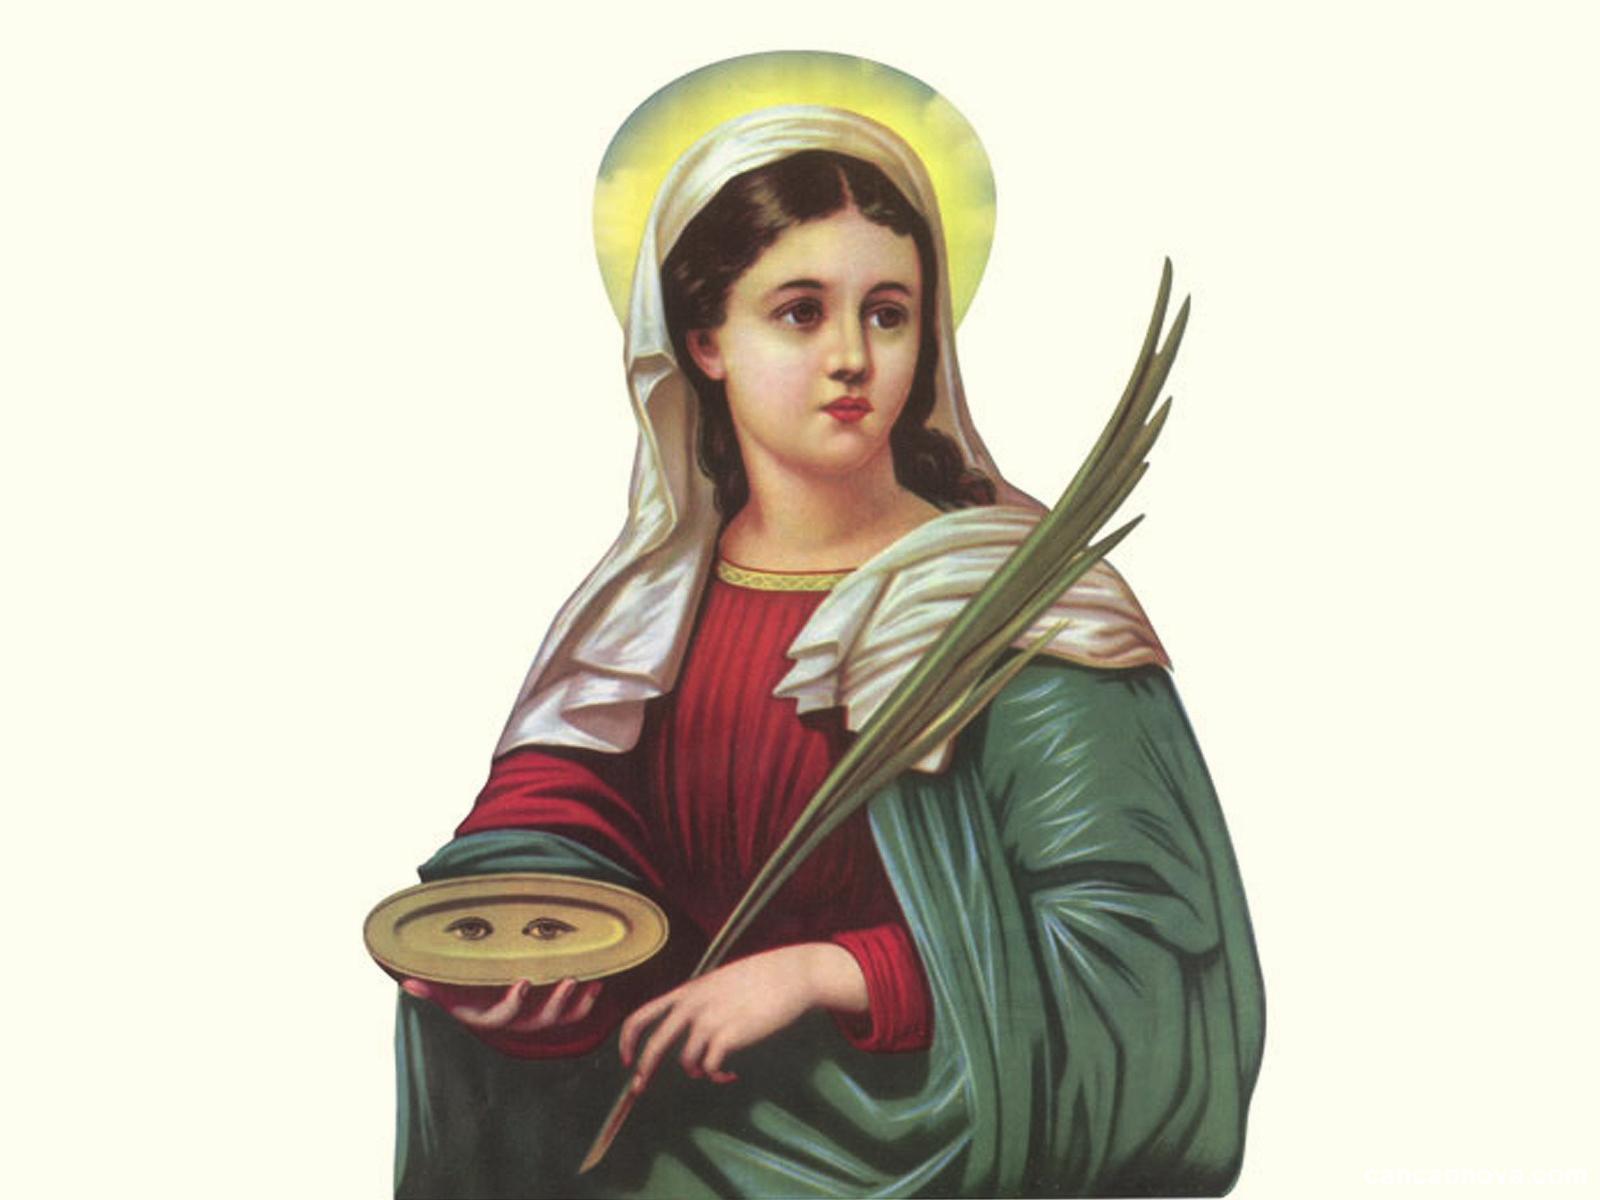 Rezemos a oração a Santa Luzia, protetora dos olhos